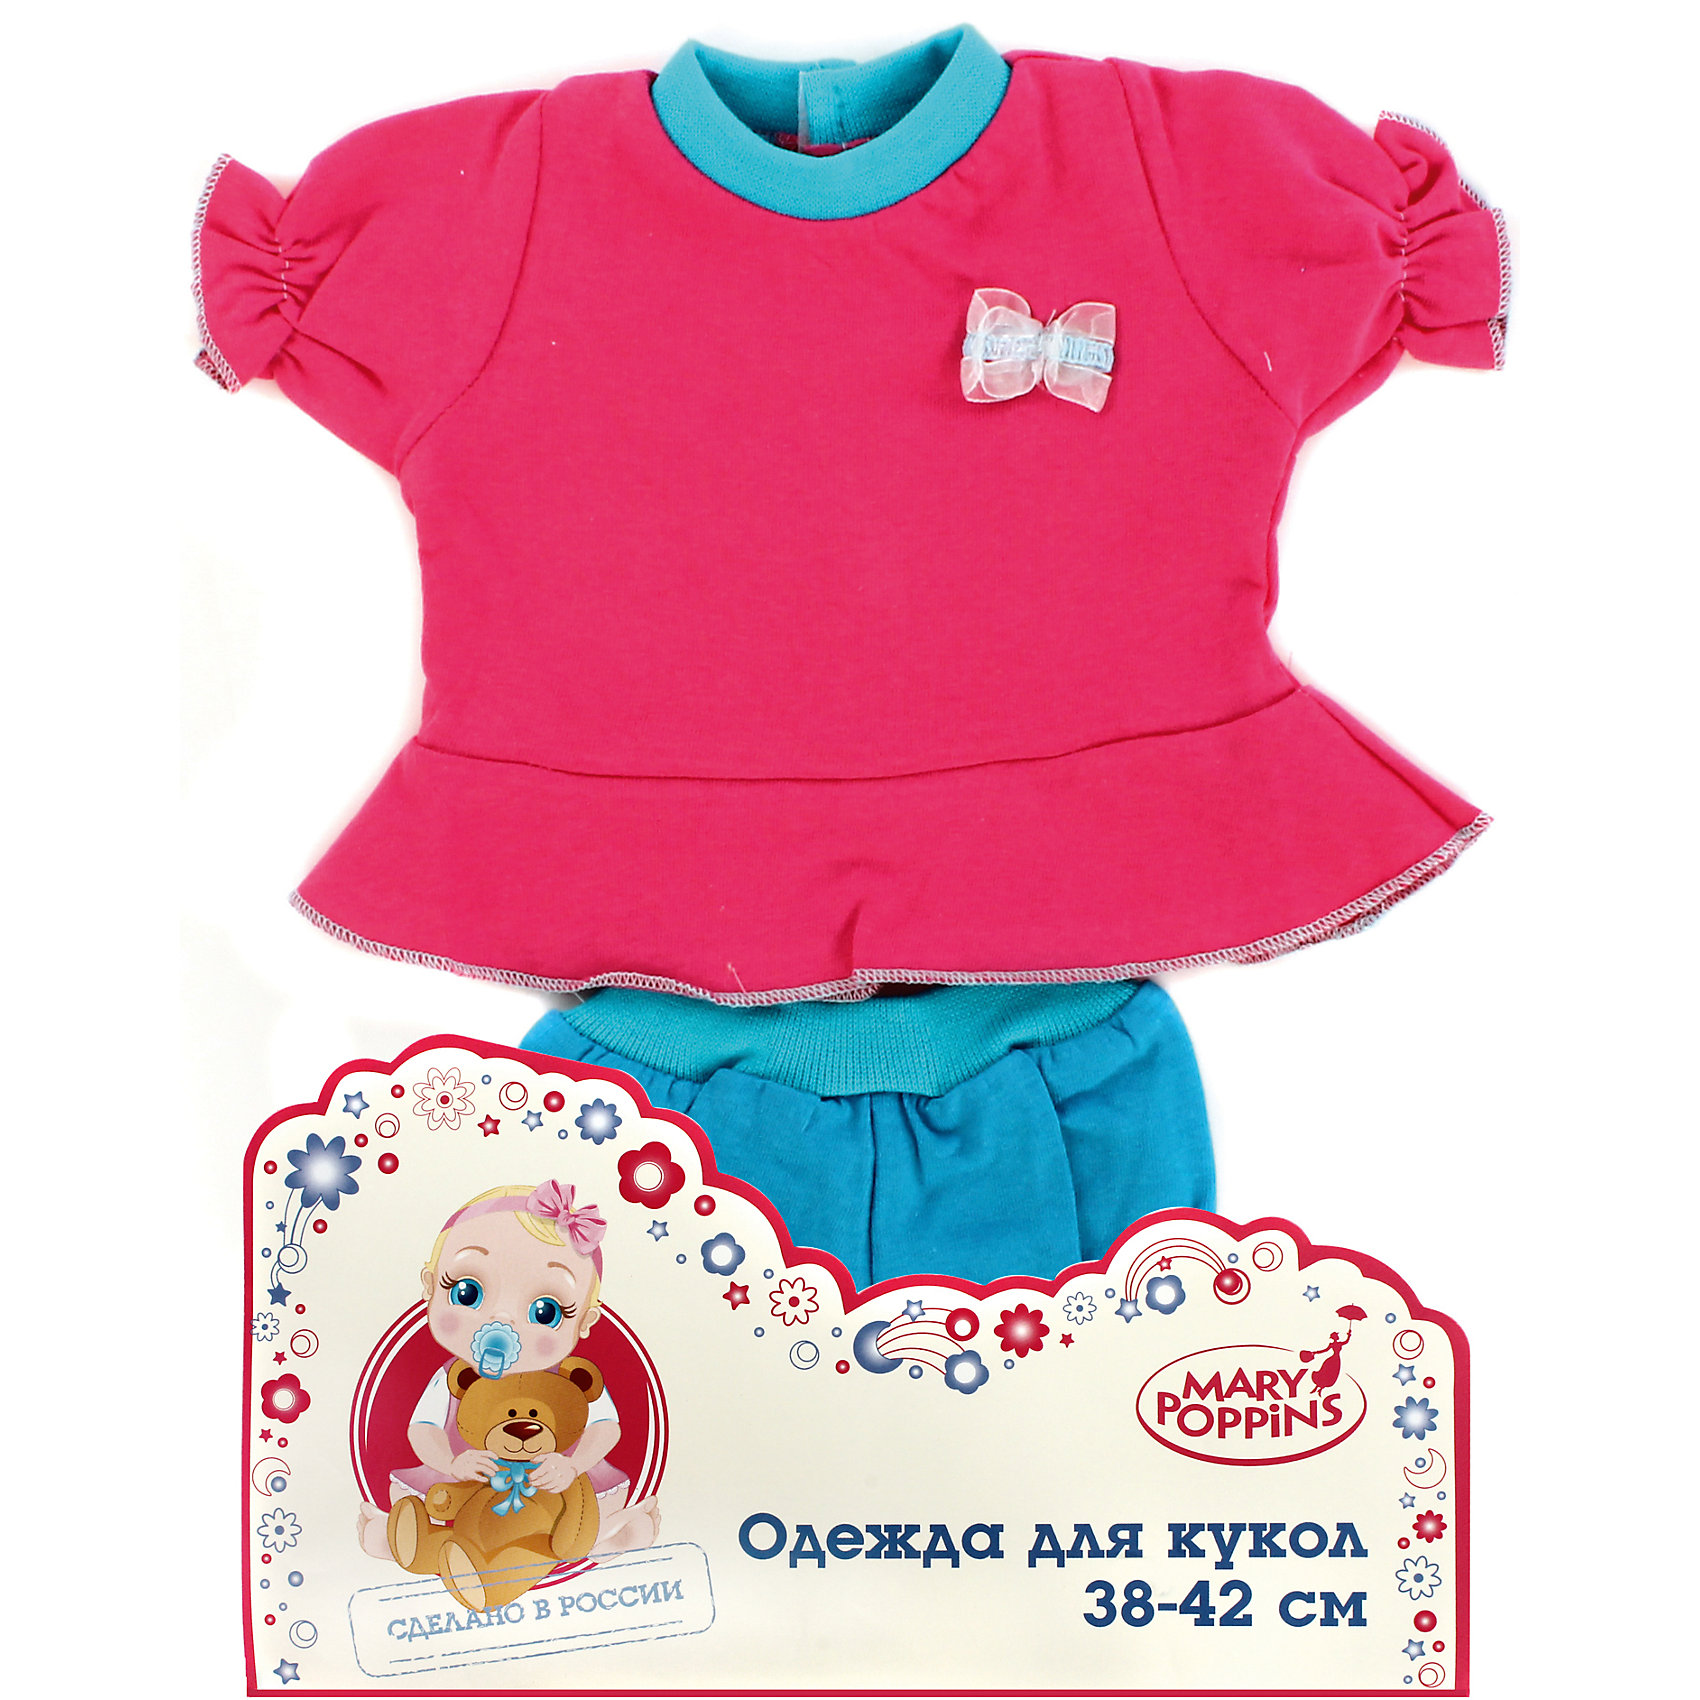 Одежда для куклы 42 см, кофоточка и шортики, Mary Poppins, в ассортиментеКукольная одежда и аксессуары<br>Одежда для куклы 42 см, кофточка и шортики, в ассортименте от популярного российского бренда кукол и аксессуаров Mary Poppins (Мэри Поппинс). Интересный и яркий набор с шортиками и кофточкой, которые прекрасно сочетаются друг с другом, подойдет всем куклам длиной от 38 до 42 см. Маленькая мама может теперь менять одежду своим деткам или даже стирать ее в игрушечной машине. Играя с куклами дети познают человека, как с физиологической, так и с стороны общения между людьми, развивается моторика рук, внимание, воображение, такие игры положительно влияют на психологическое развитие. <br><br>Дополнительная информация:<br><br>- В комплект входит: шортики, кофточка<br>- Материал: текстиль<br><br>Внимание! Одежда для куклы 42 см, кофточка и шортики поставляется в разных цветовых вариантах. К сожалению, заранее выбрать определенный цвет нельзя. При заказе двух кофточек и шортиков возможно получение одинаковых.<br><br>Одежду для куклы 42 см, кофточка и шортики, в ассортименте, Mary Poppins (Мэри Поппинс) можно купить в нашем интернет-магазине.<br><br>Подробнее:<br>• Для детей в возрасте: от 3 до 10 лет<br>• Номер товара: 4925568<br>Страна производитель: Китай<br><br>Ширина мм: 175<br>Глубина мм: 5<br>Высота мм: 300<br>Вес г: 27<br>Возраст от месяцев: 36<br>Возраст до месяцев: 120<br>Пол: Женский<br>Возраст: Детский<br>SKU: 4925568